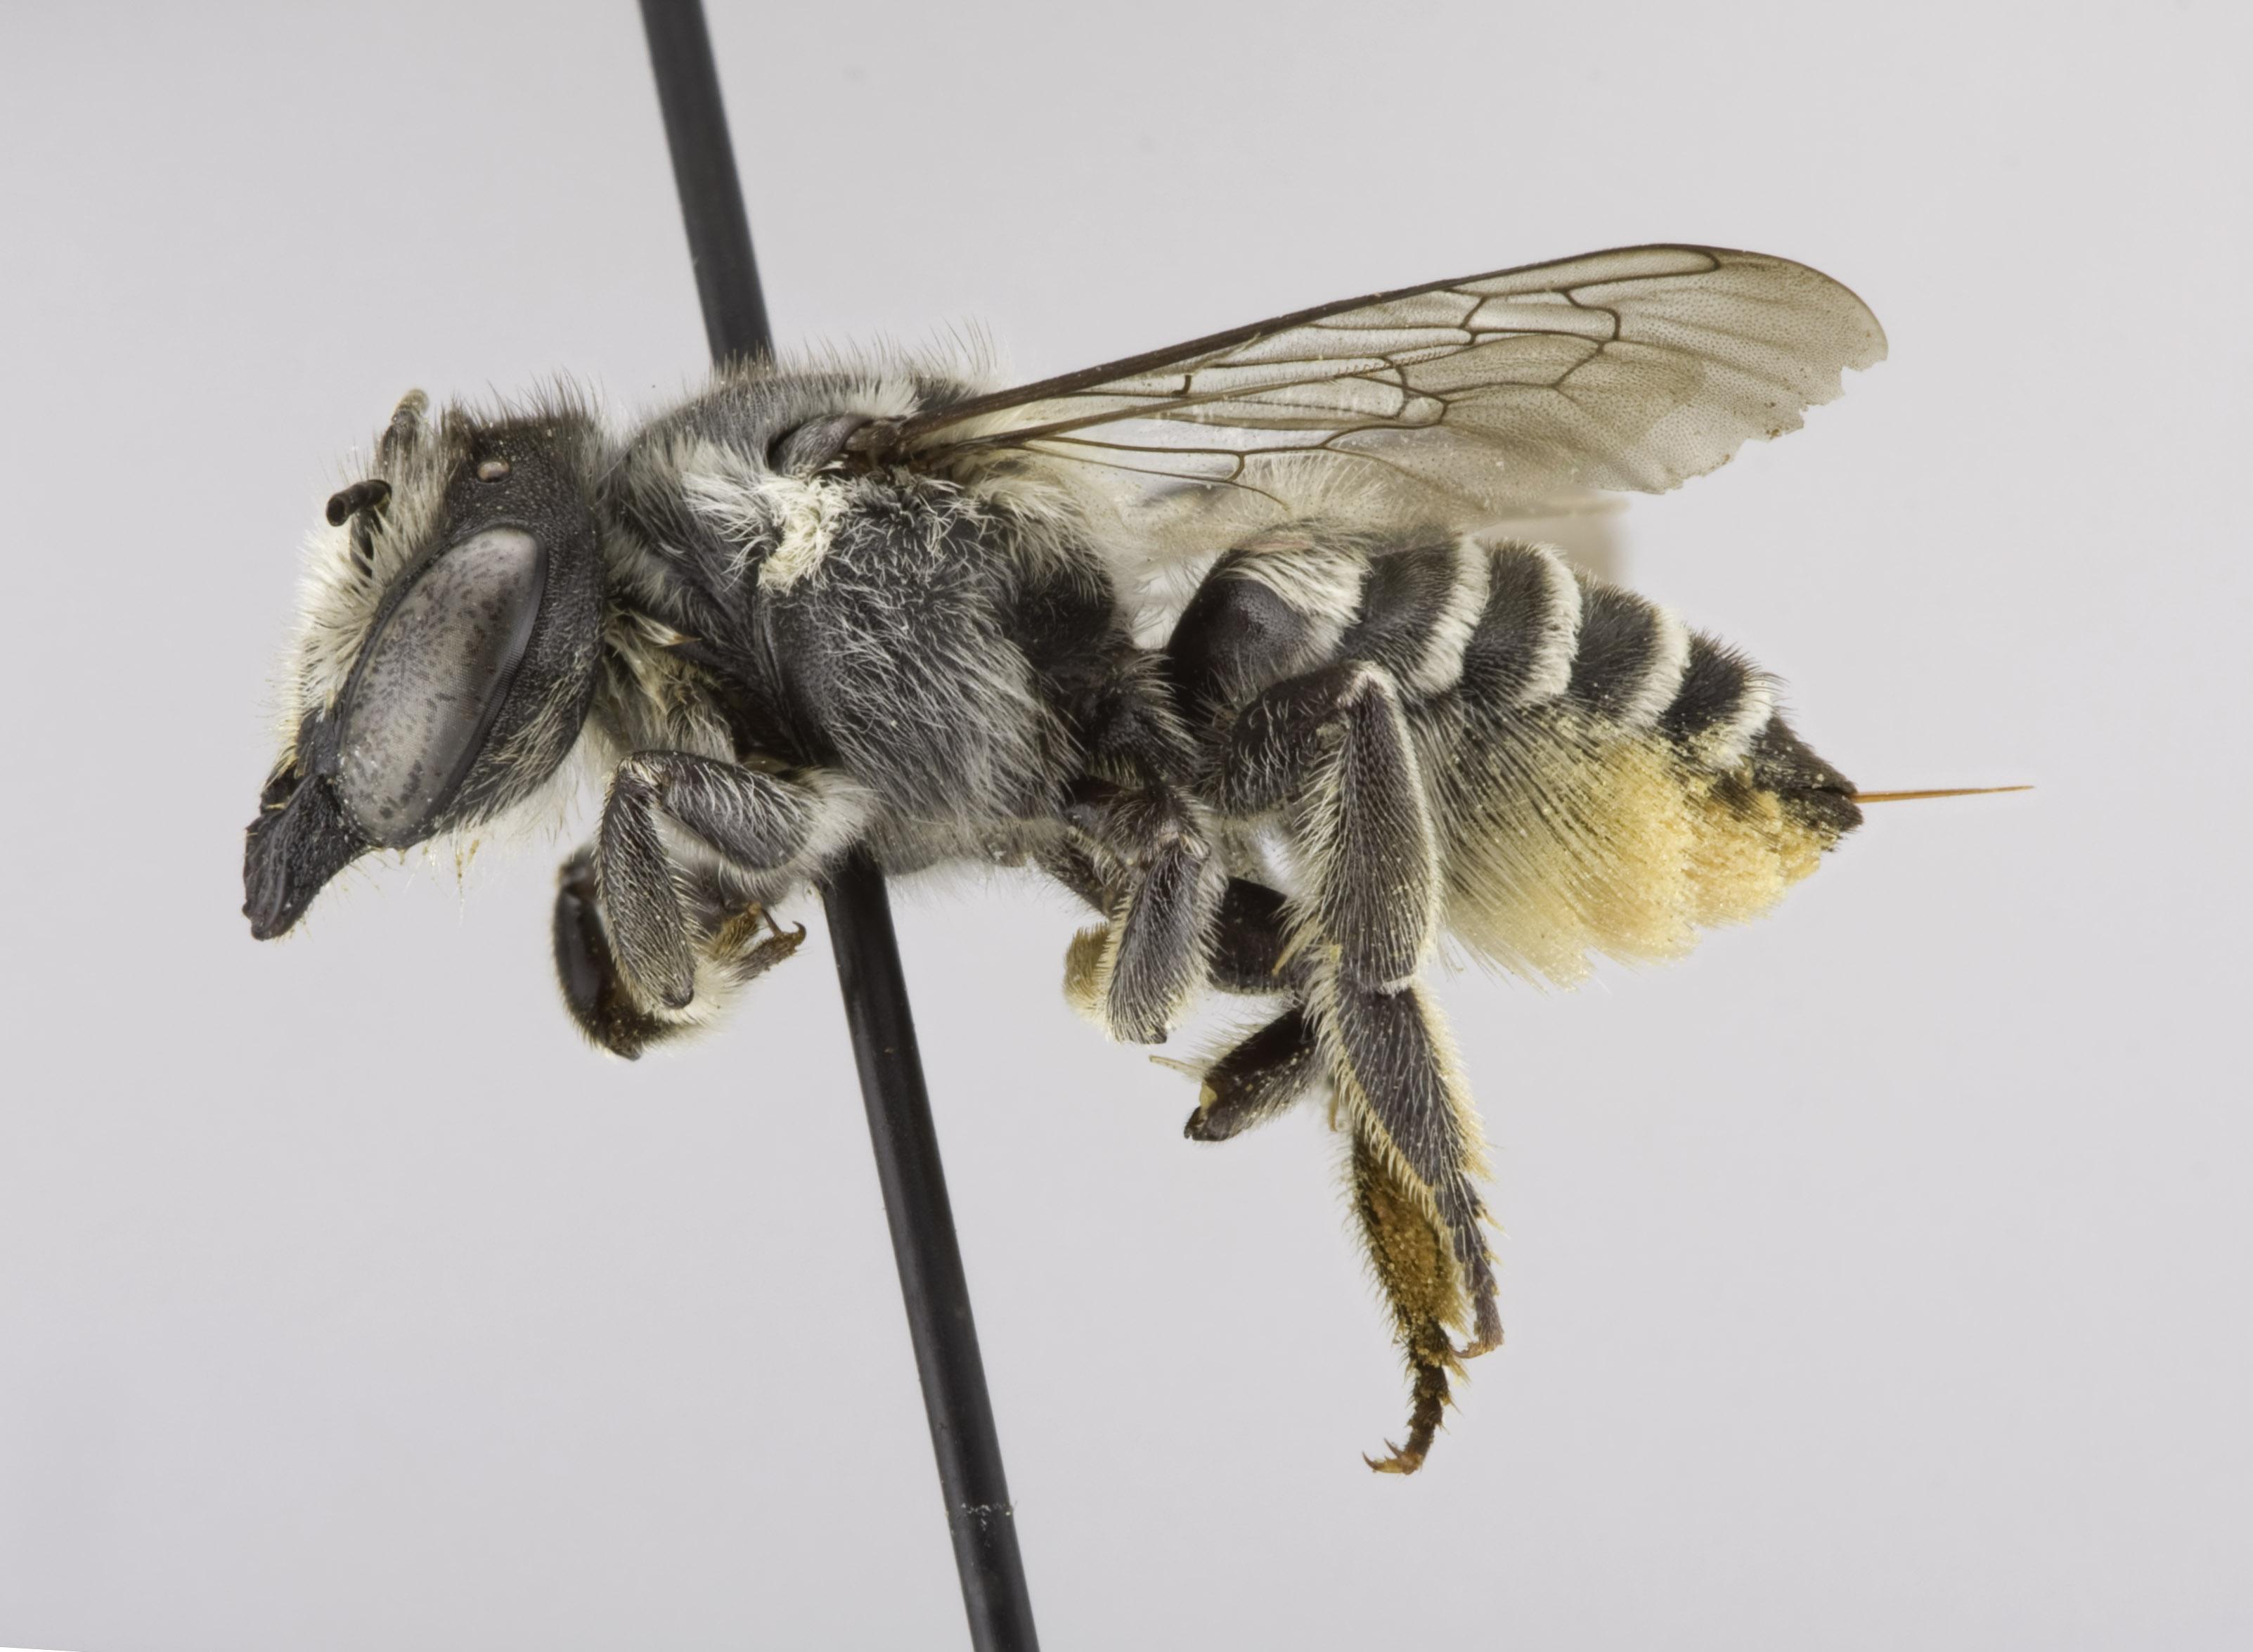 Megachile gentilis